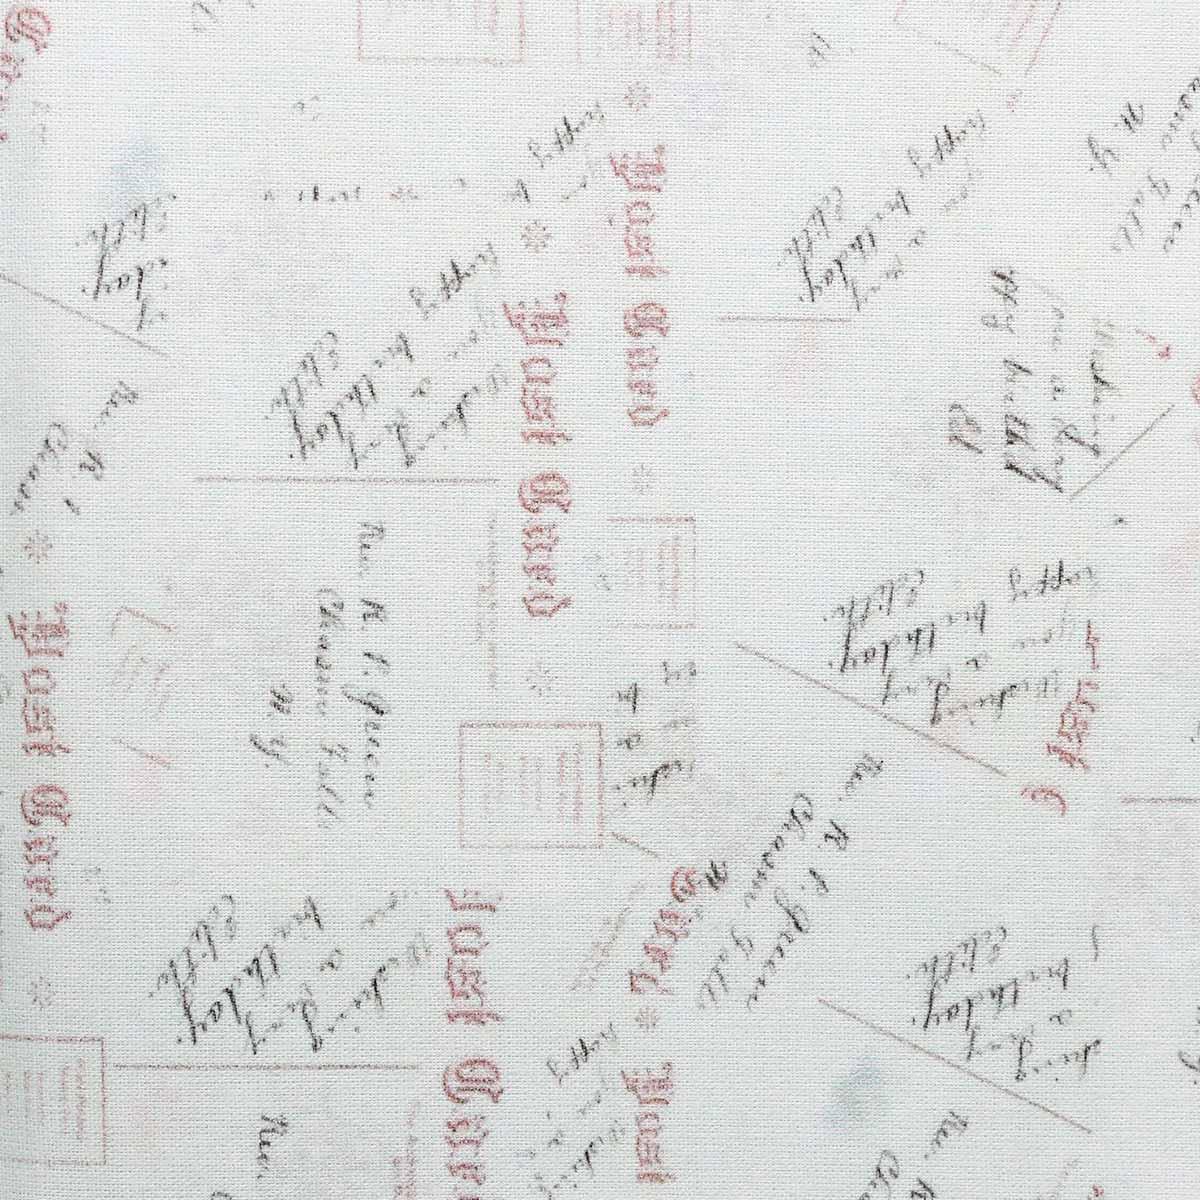 АМ573005 Ткань 'Путешествие в Лондоне' №5, 100% хлопок, 120 г/м2, размер 48*50см